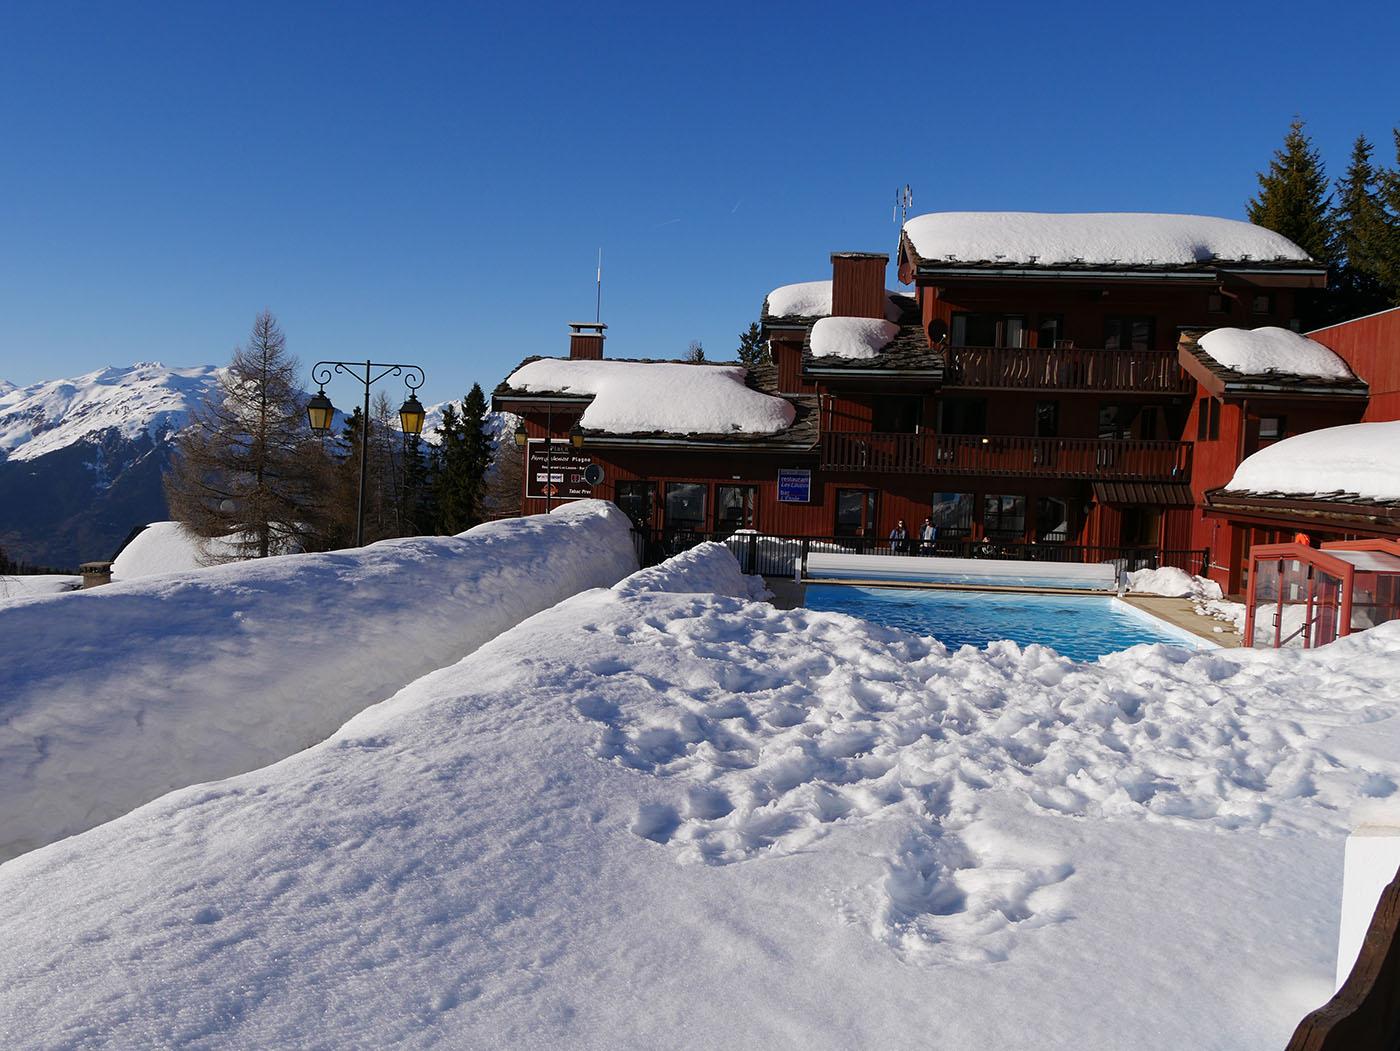 Résidence Pierre et Vacances à La Plagne, située à la Plagne 1800 avec piscine ! Une location de vacances idéales pour un séjour au ski.